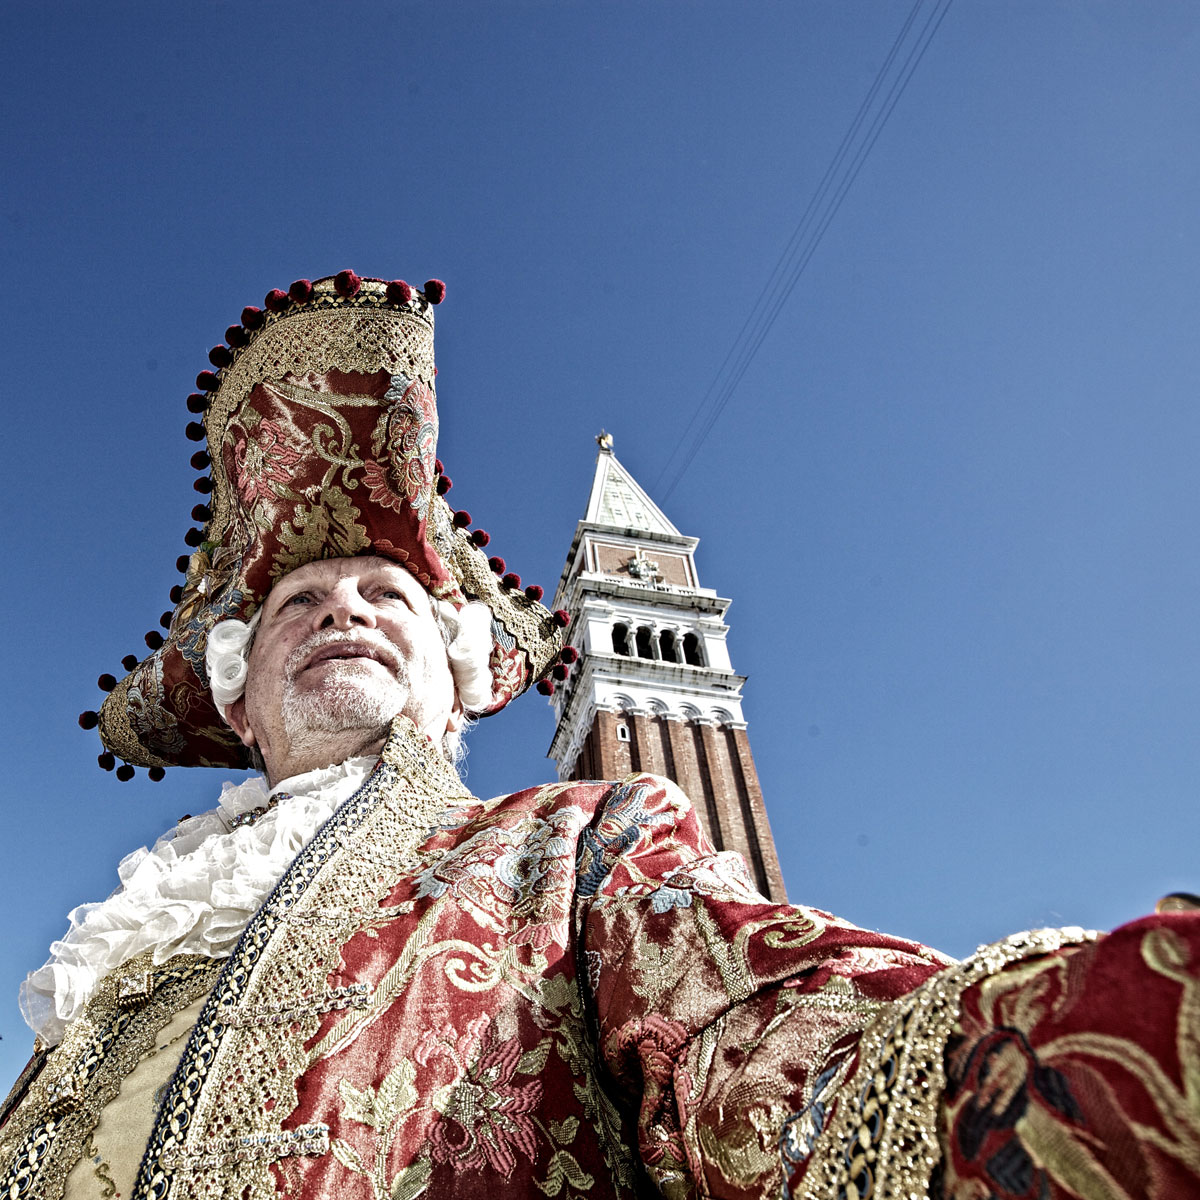 carnevale-di-venezia_015_SP